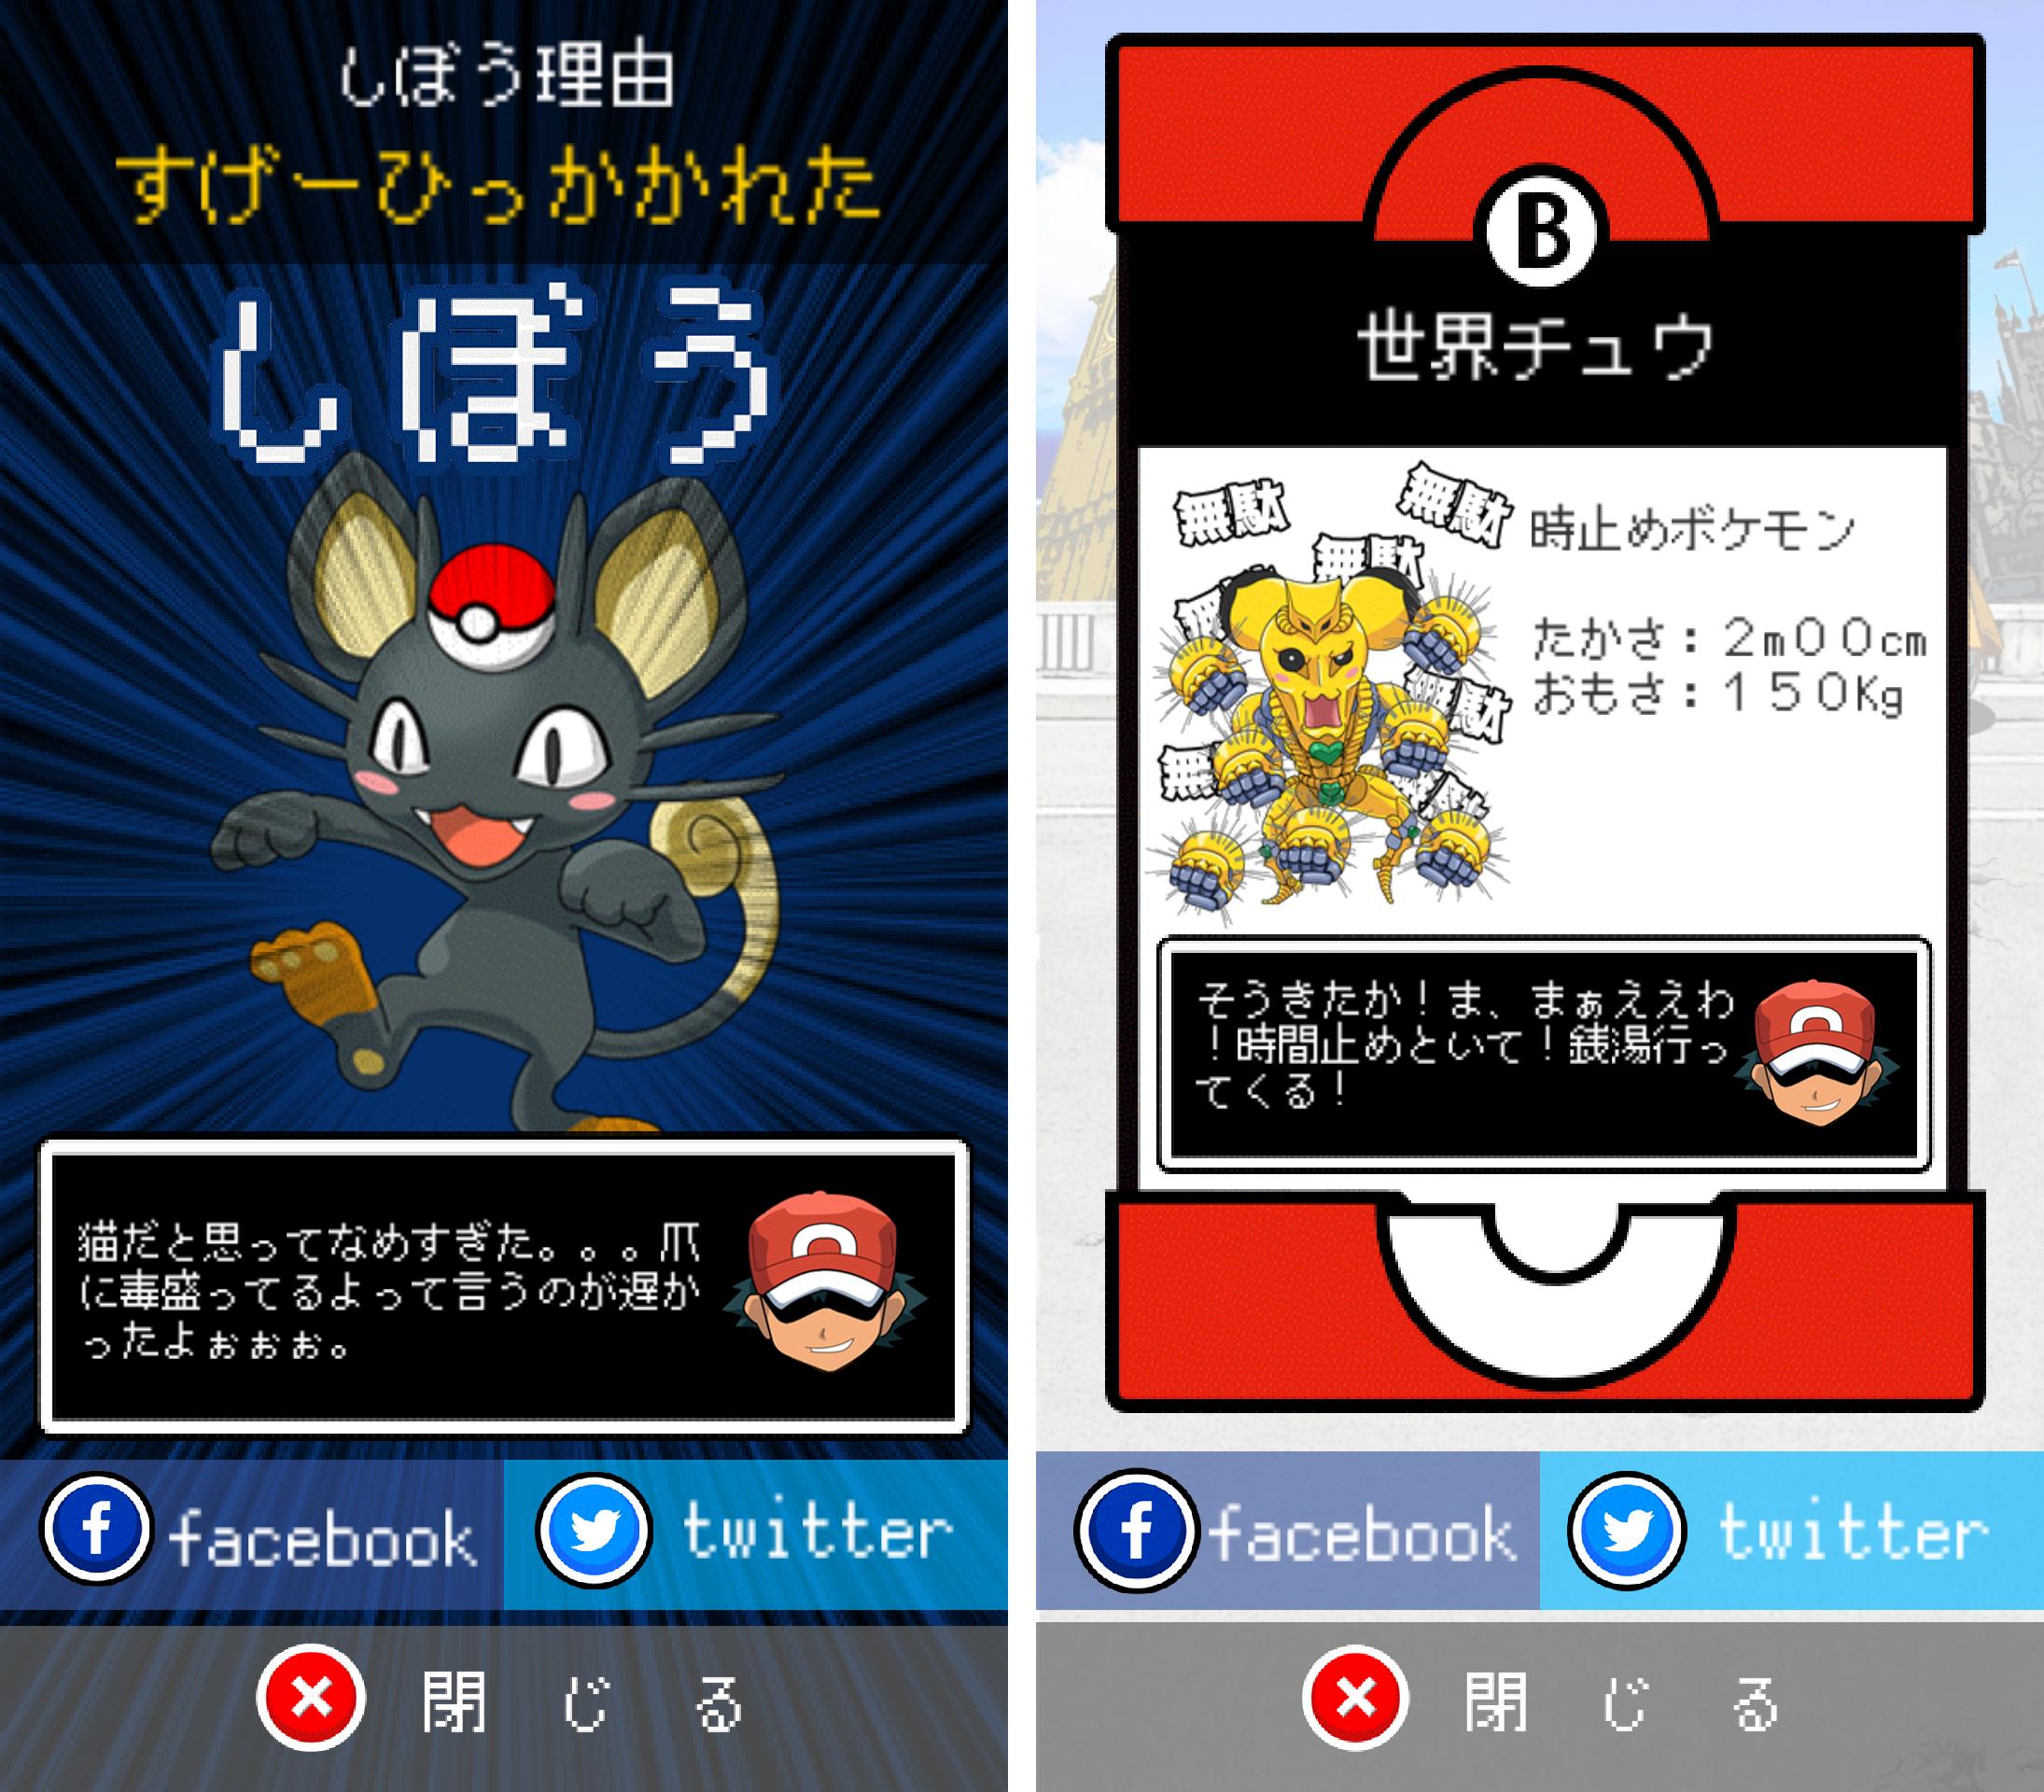 BOKEMON ~トボケモンスターを進化させるで!~ androidアプリスクリーンショット2